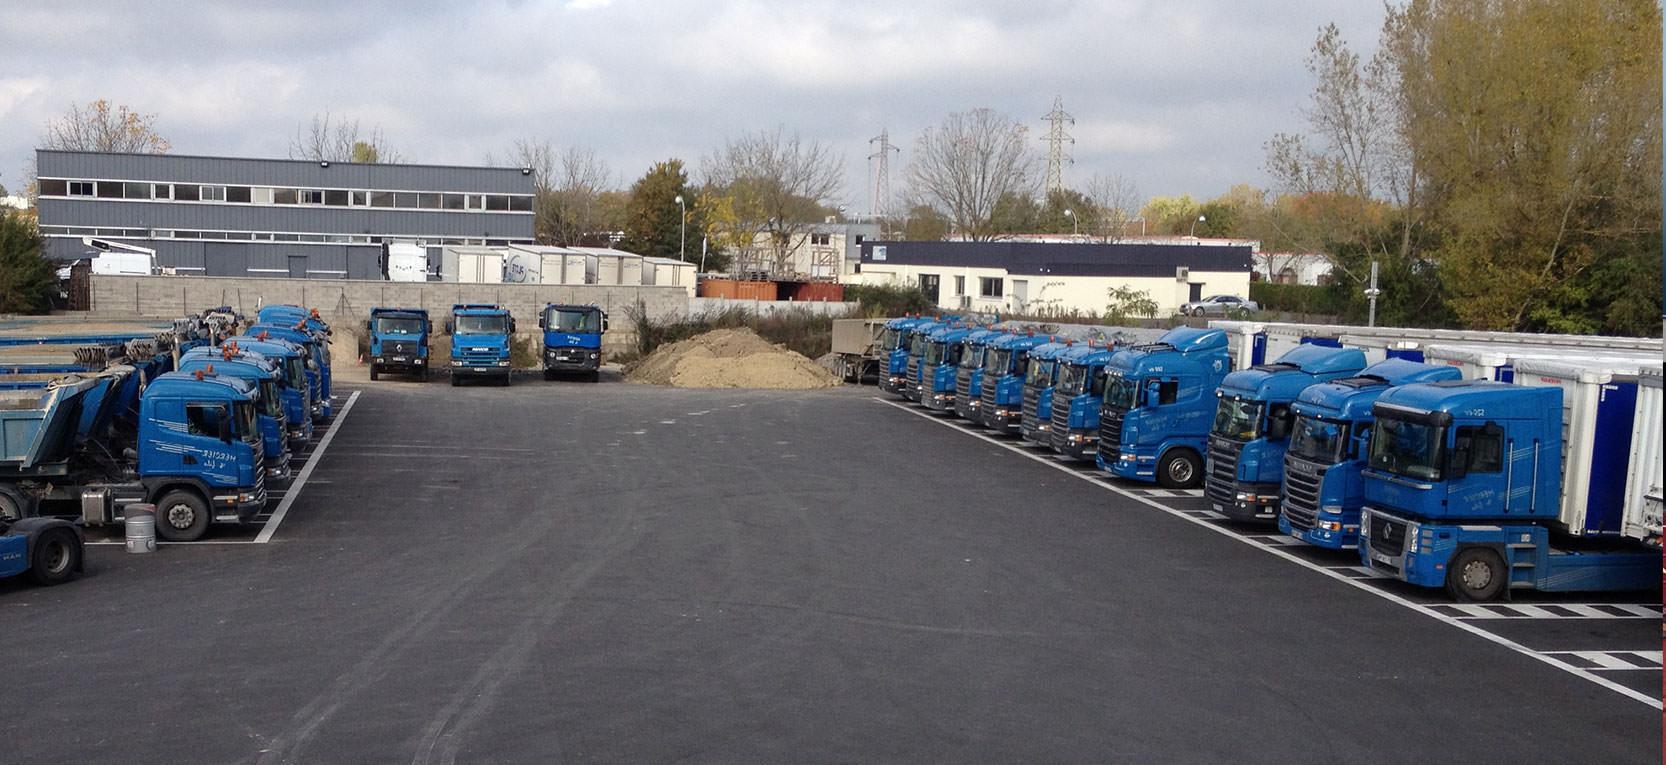 Camions Transports Mercier